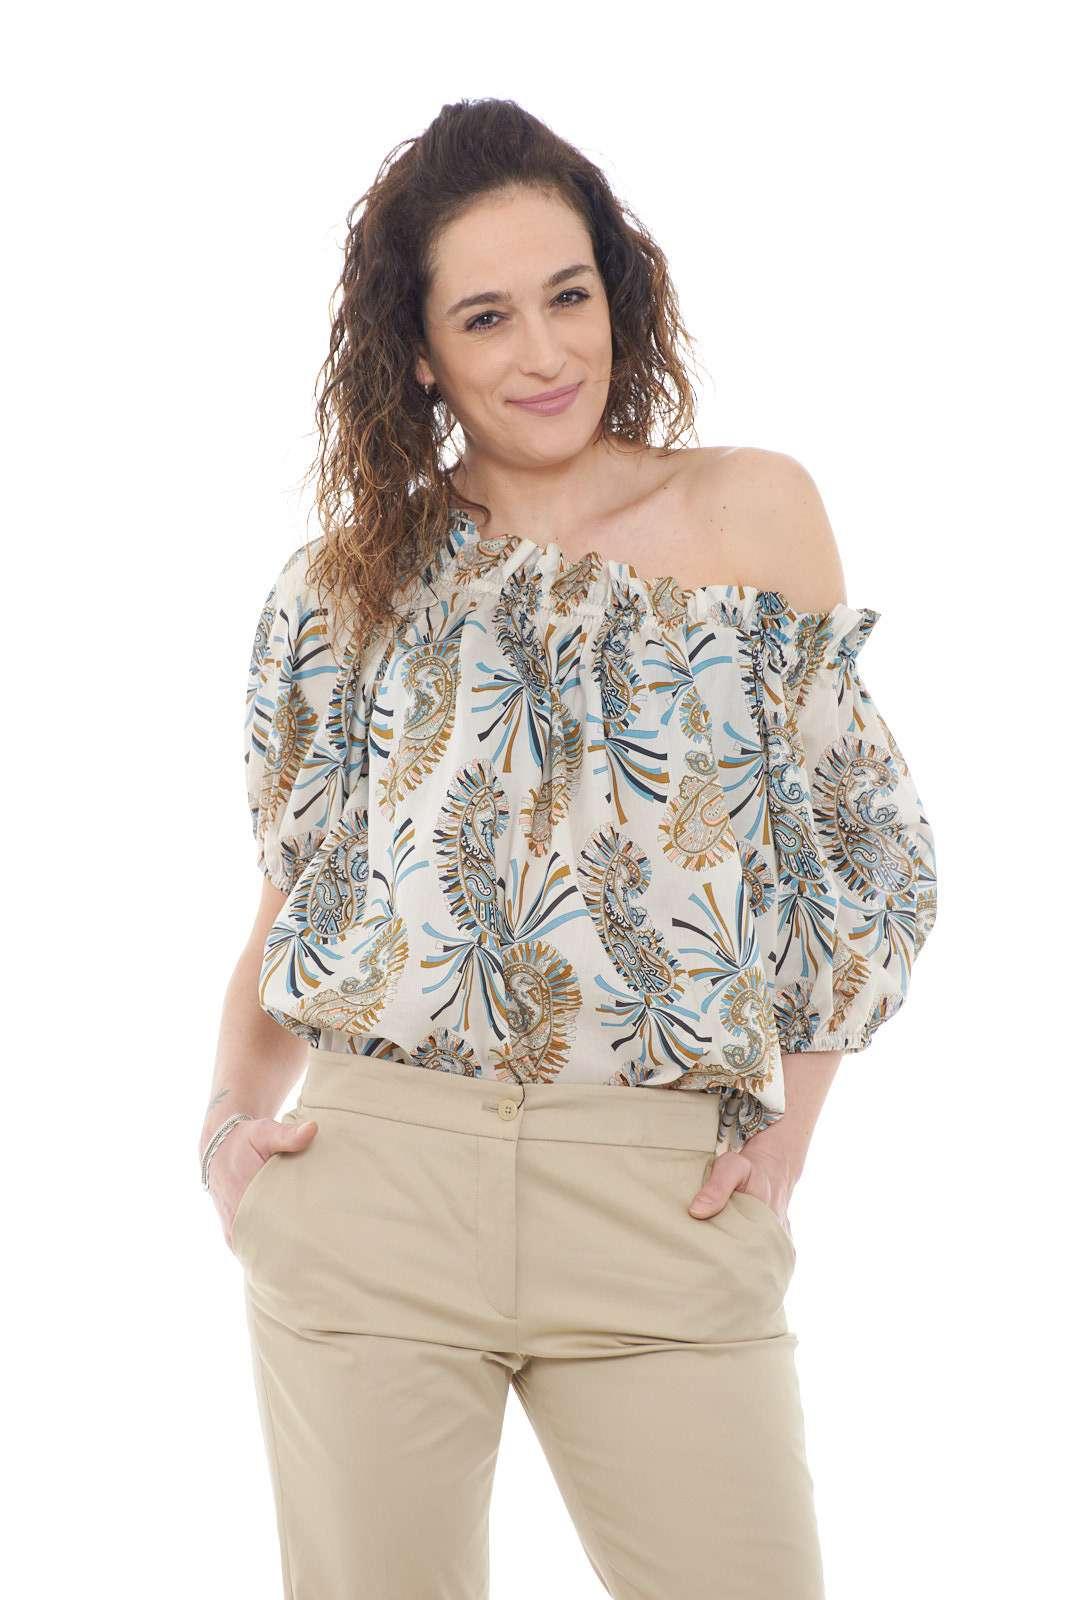 Una blusa chic e giovanile, perfetta per outfit primaverili sgargianti e alla moda. Le spalle scese, sono il tocco che rendono la blusa iconica e attuale, unita poi alla fantasia multicolor, regaleranno stile ad ogni look.